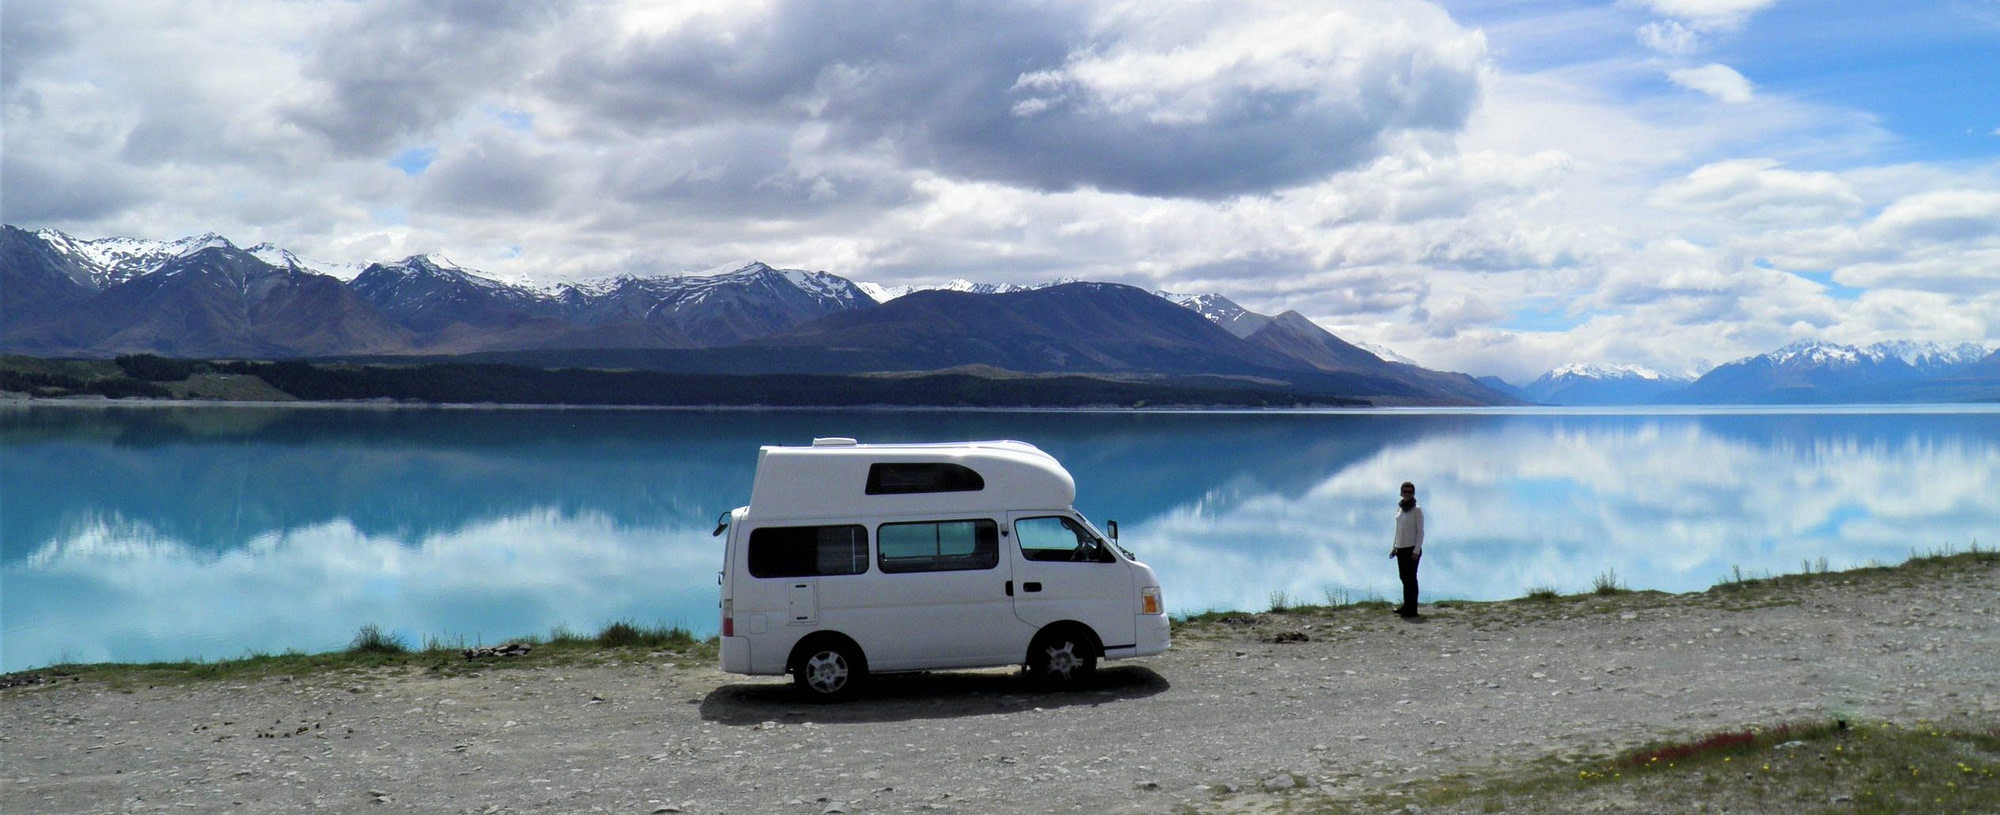 Nueva-zelanda-furgoneta